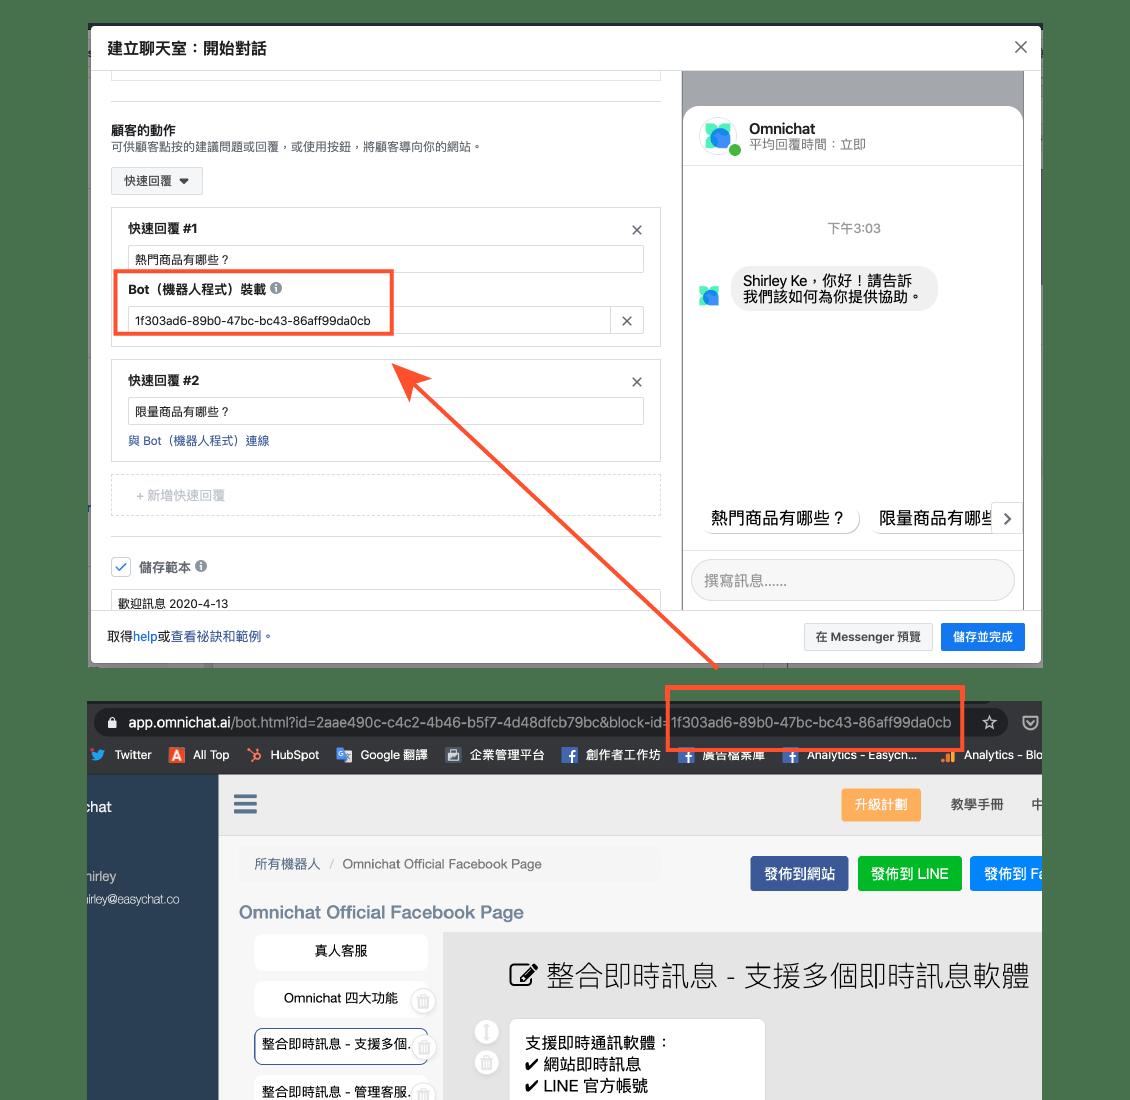 將 Omnichat 聊天機器人串接上 Facebook 訊息廣告的快速回覆,複製貼上 Block-ID 即可完成